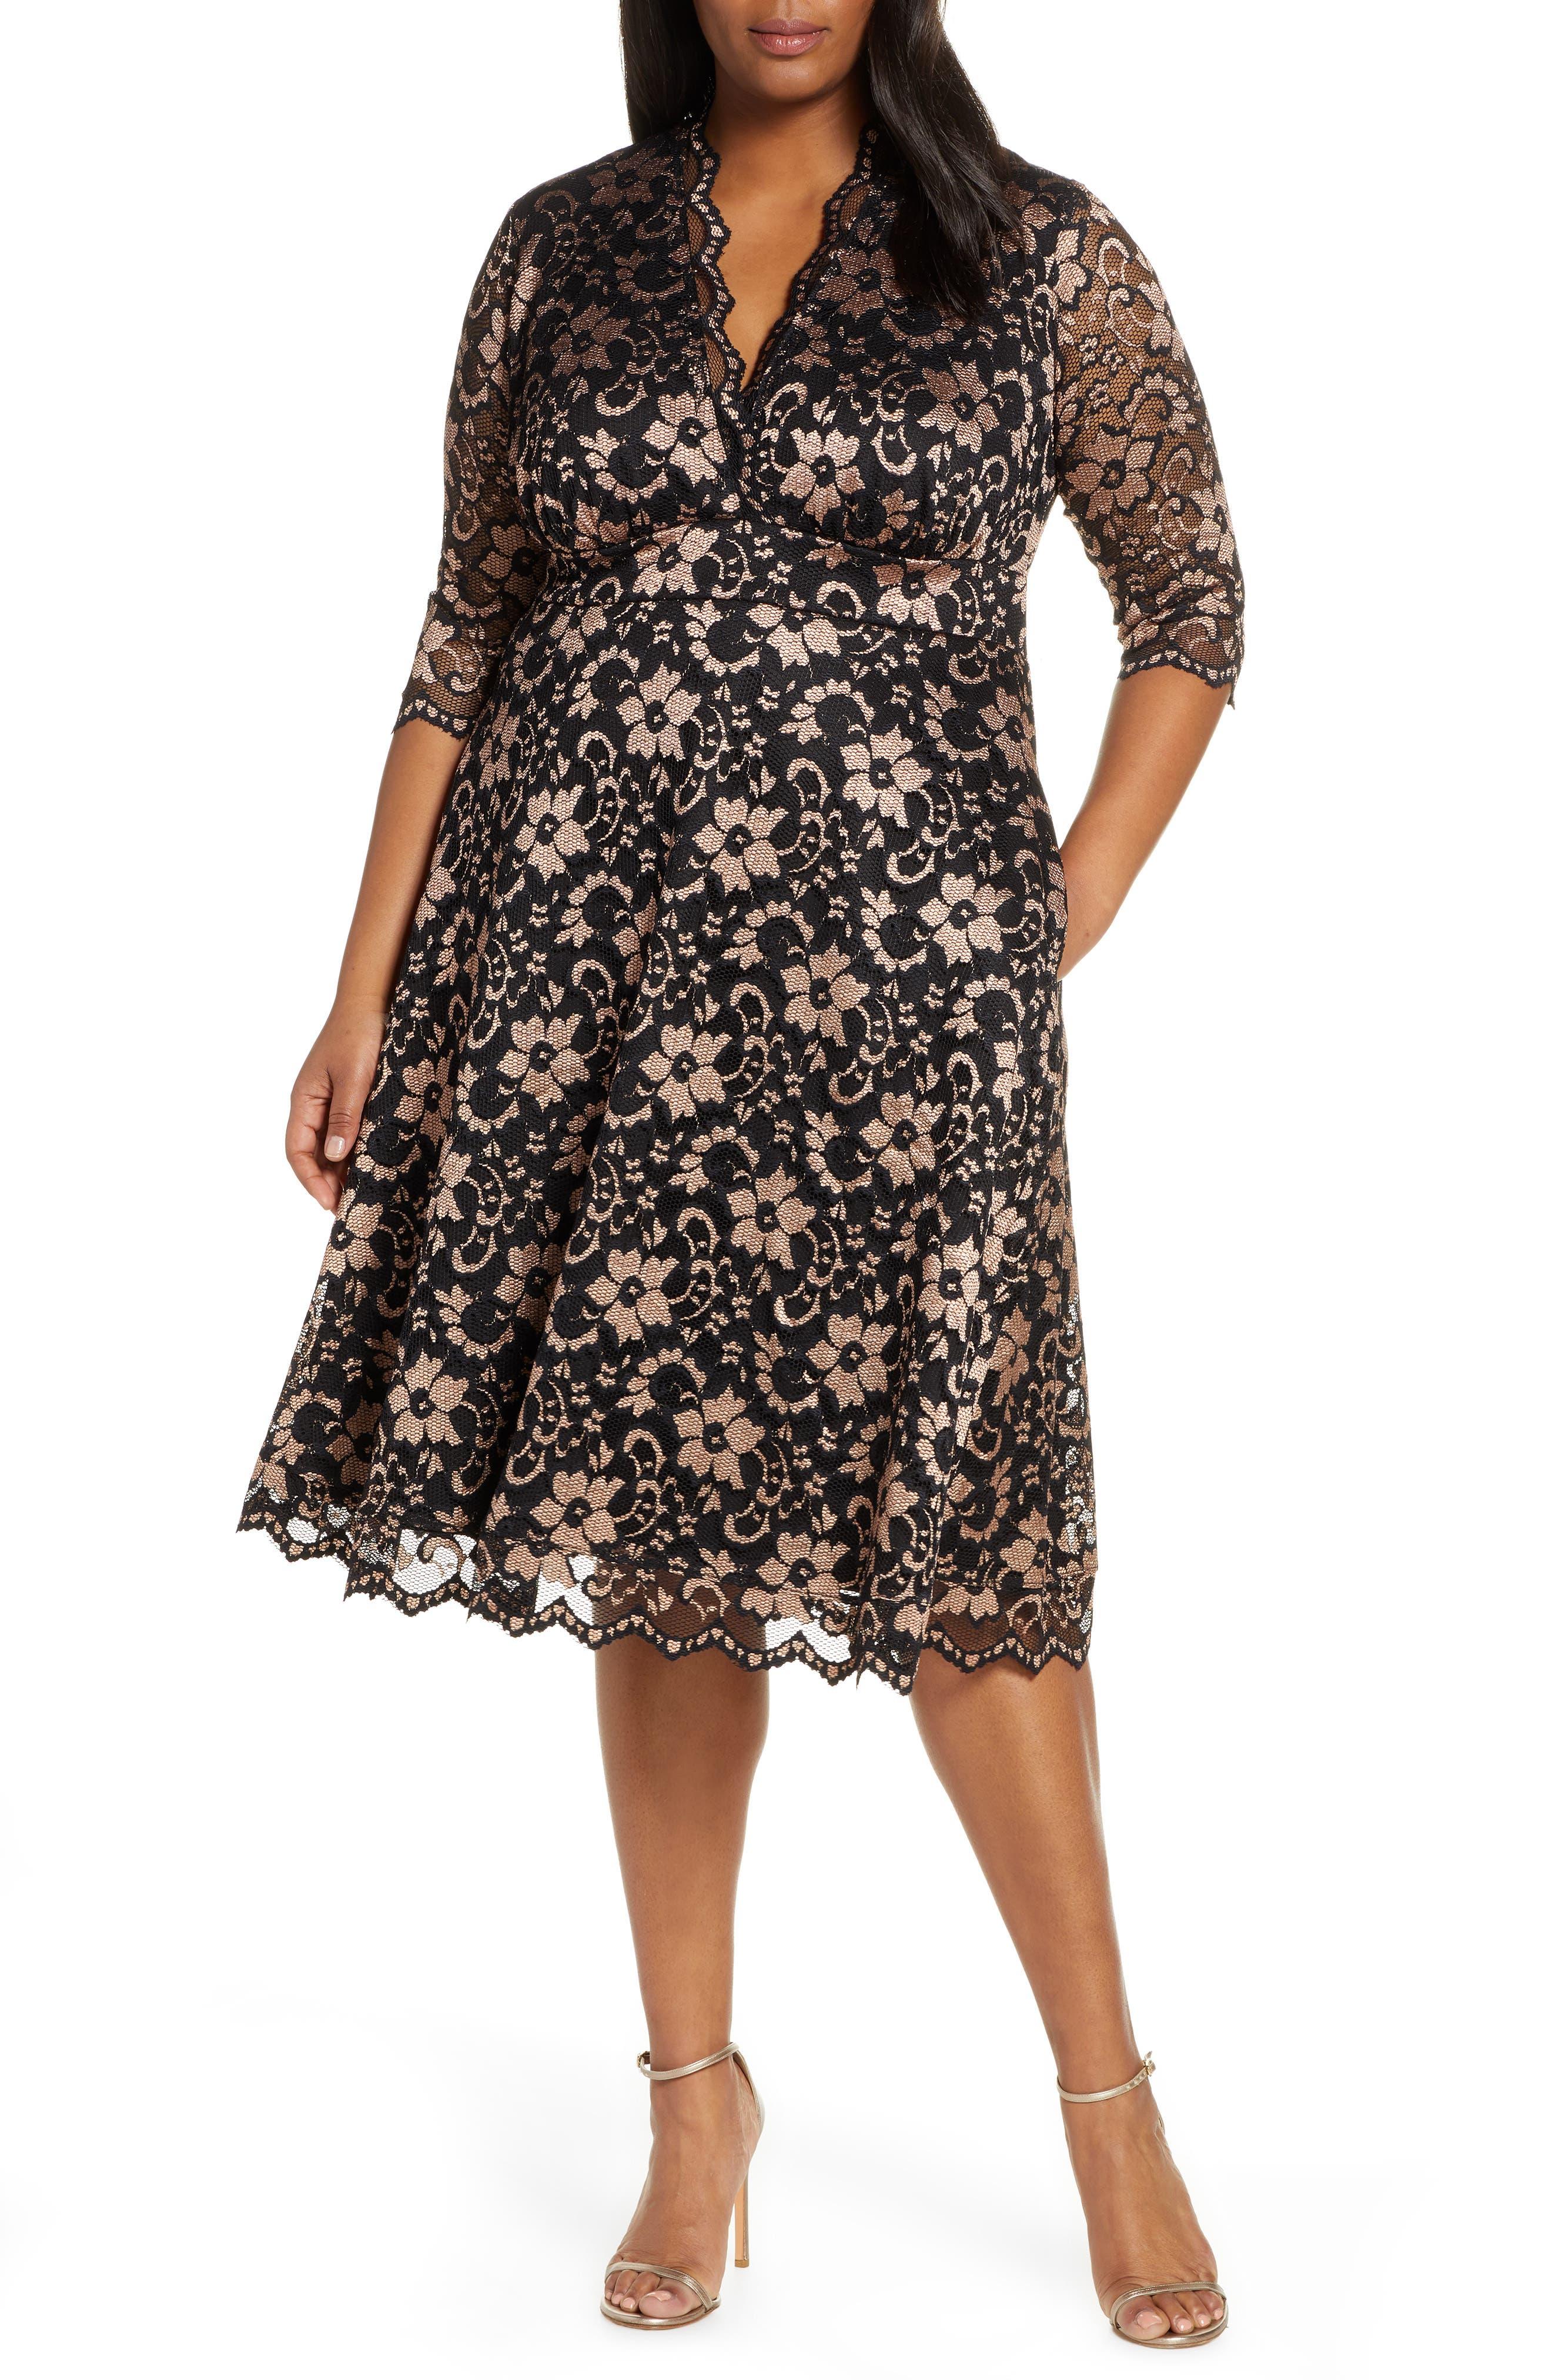 Plus Size Kiyonna Mon Cheri Lace Cocktail Dress, Black